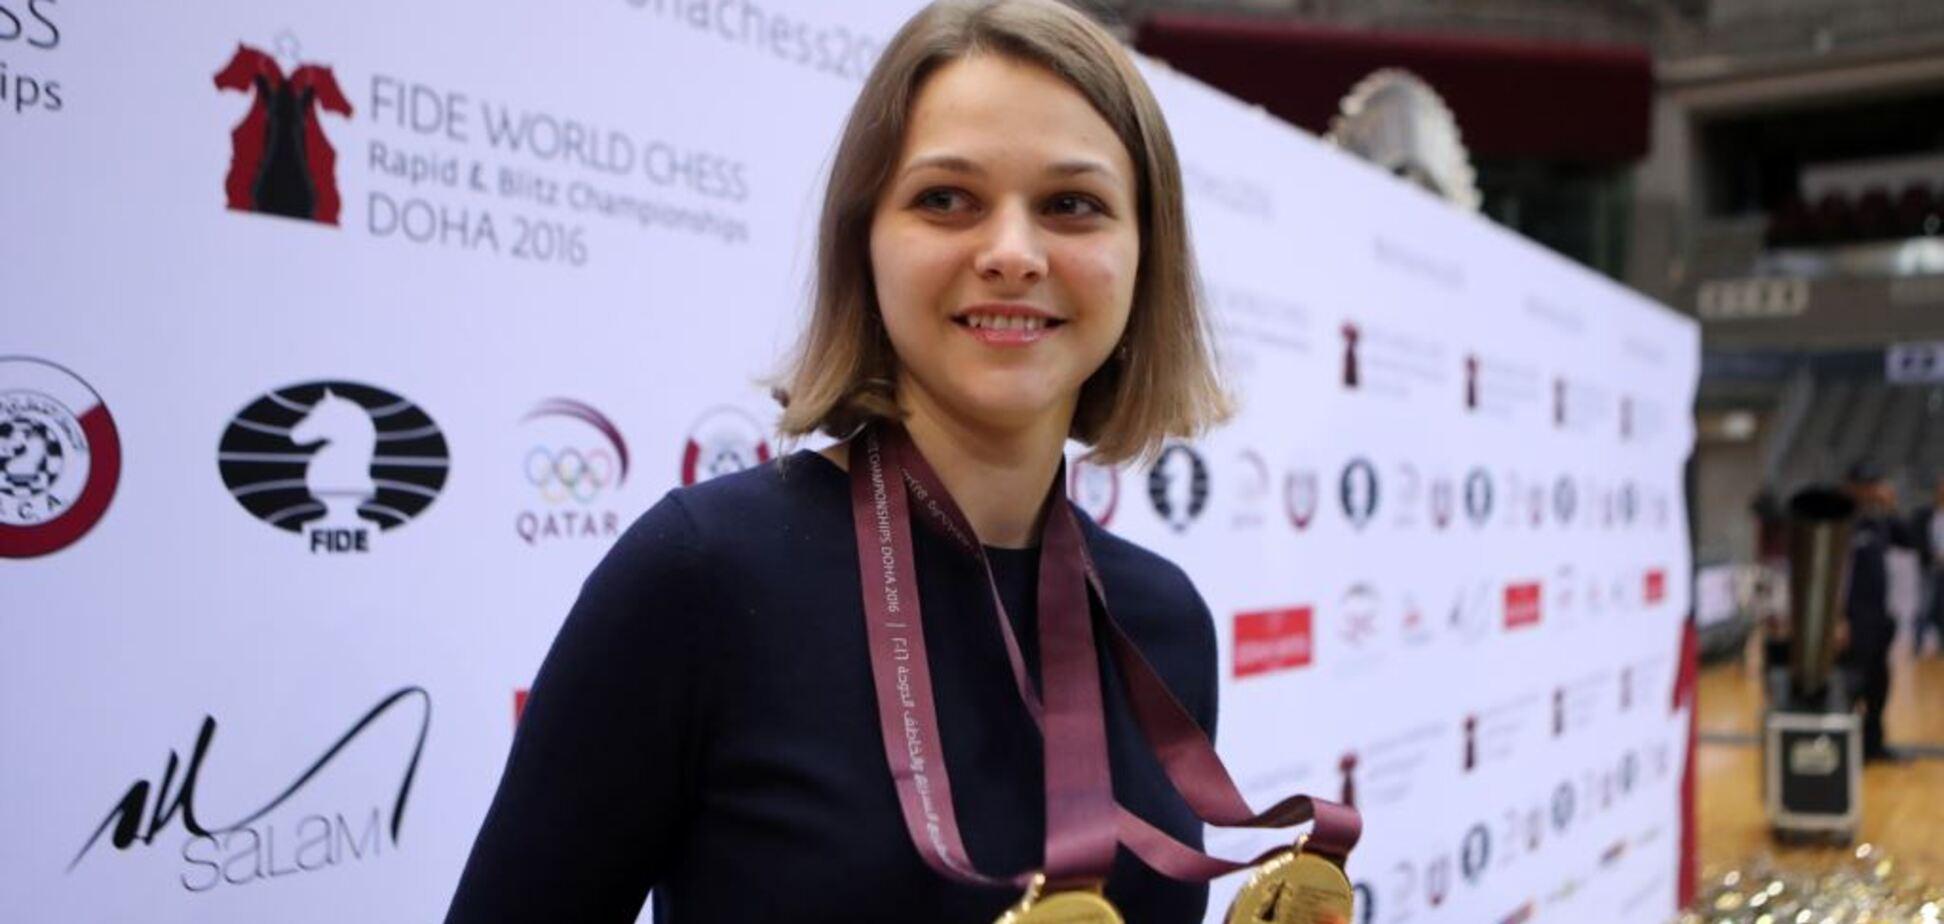 В Германии выразили восторг украинской шахматисткой, объявившей бойкот чемпионату мира